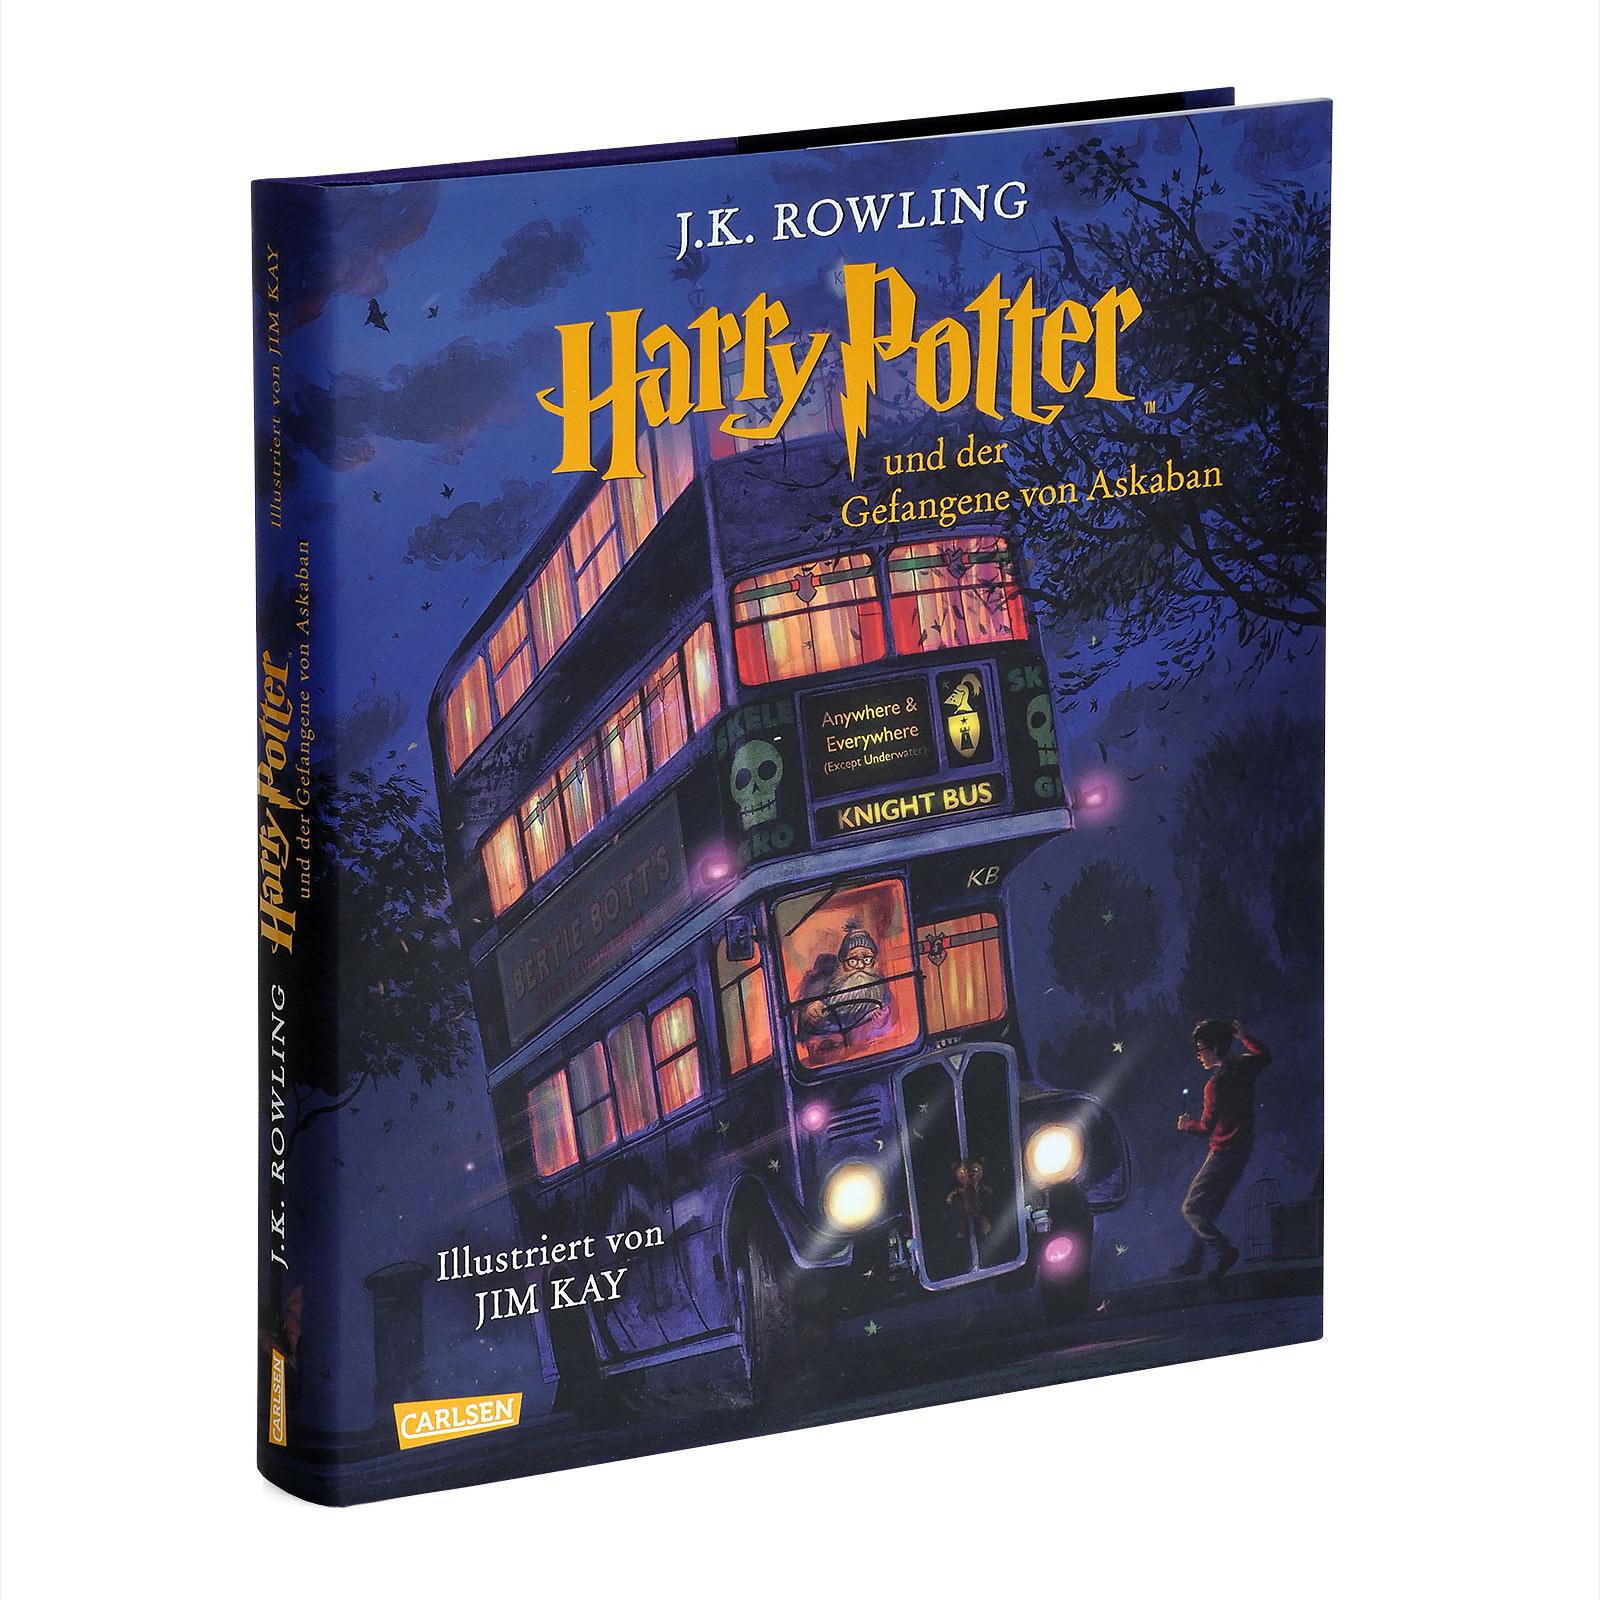 Harry Potter und der Gefangene von Askaban - Schmuckausgabe